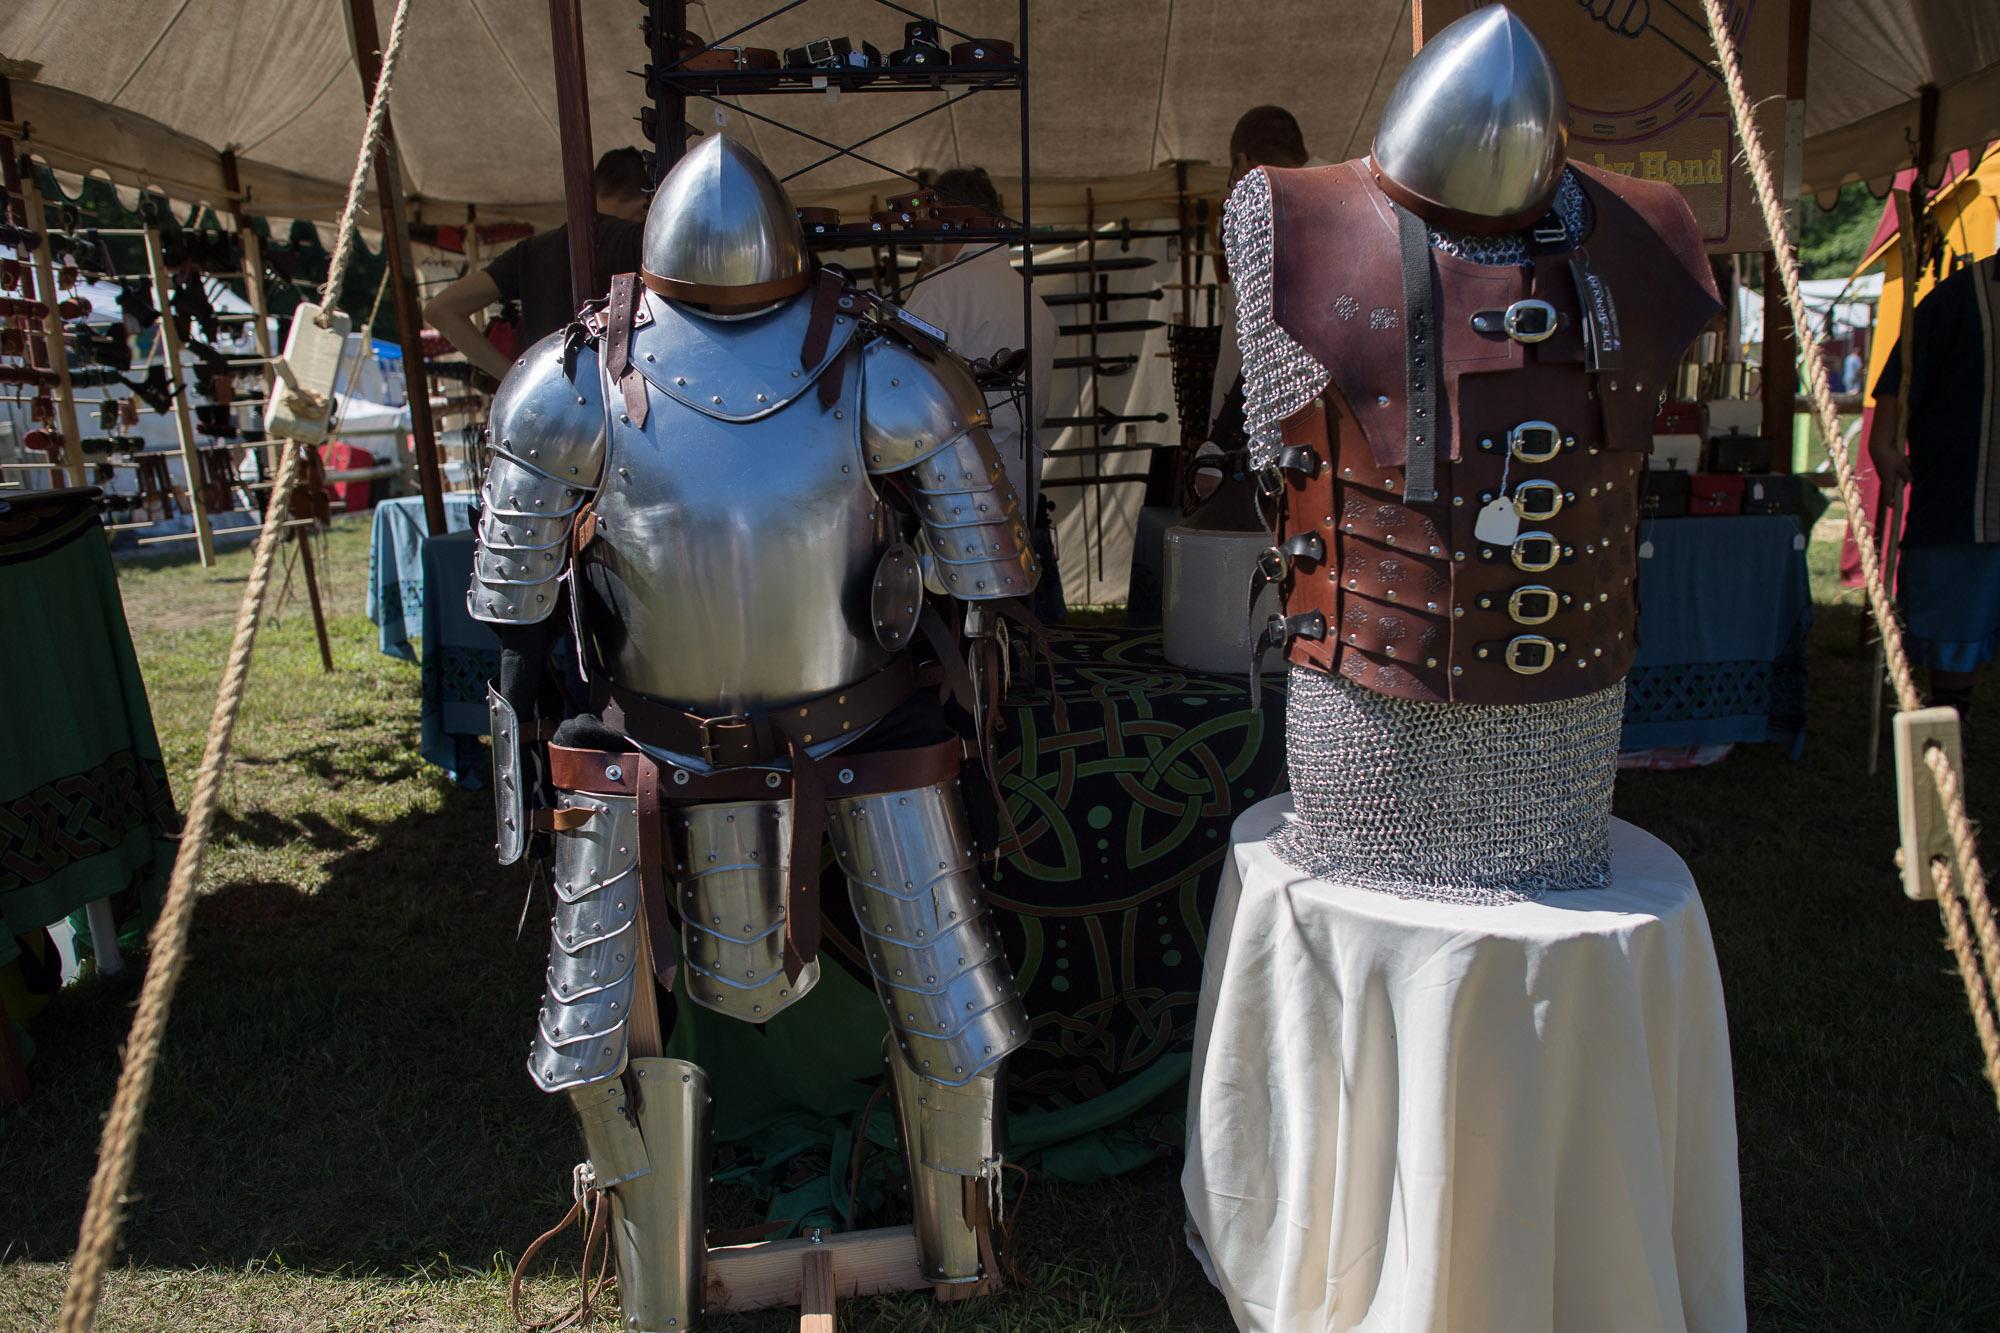 A vendor's tent at a Renaissance Festival